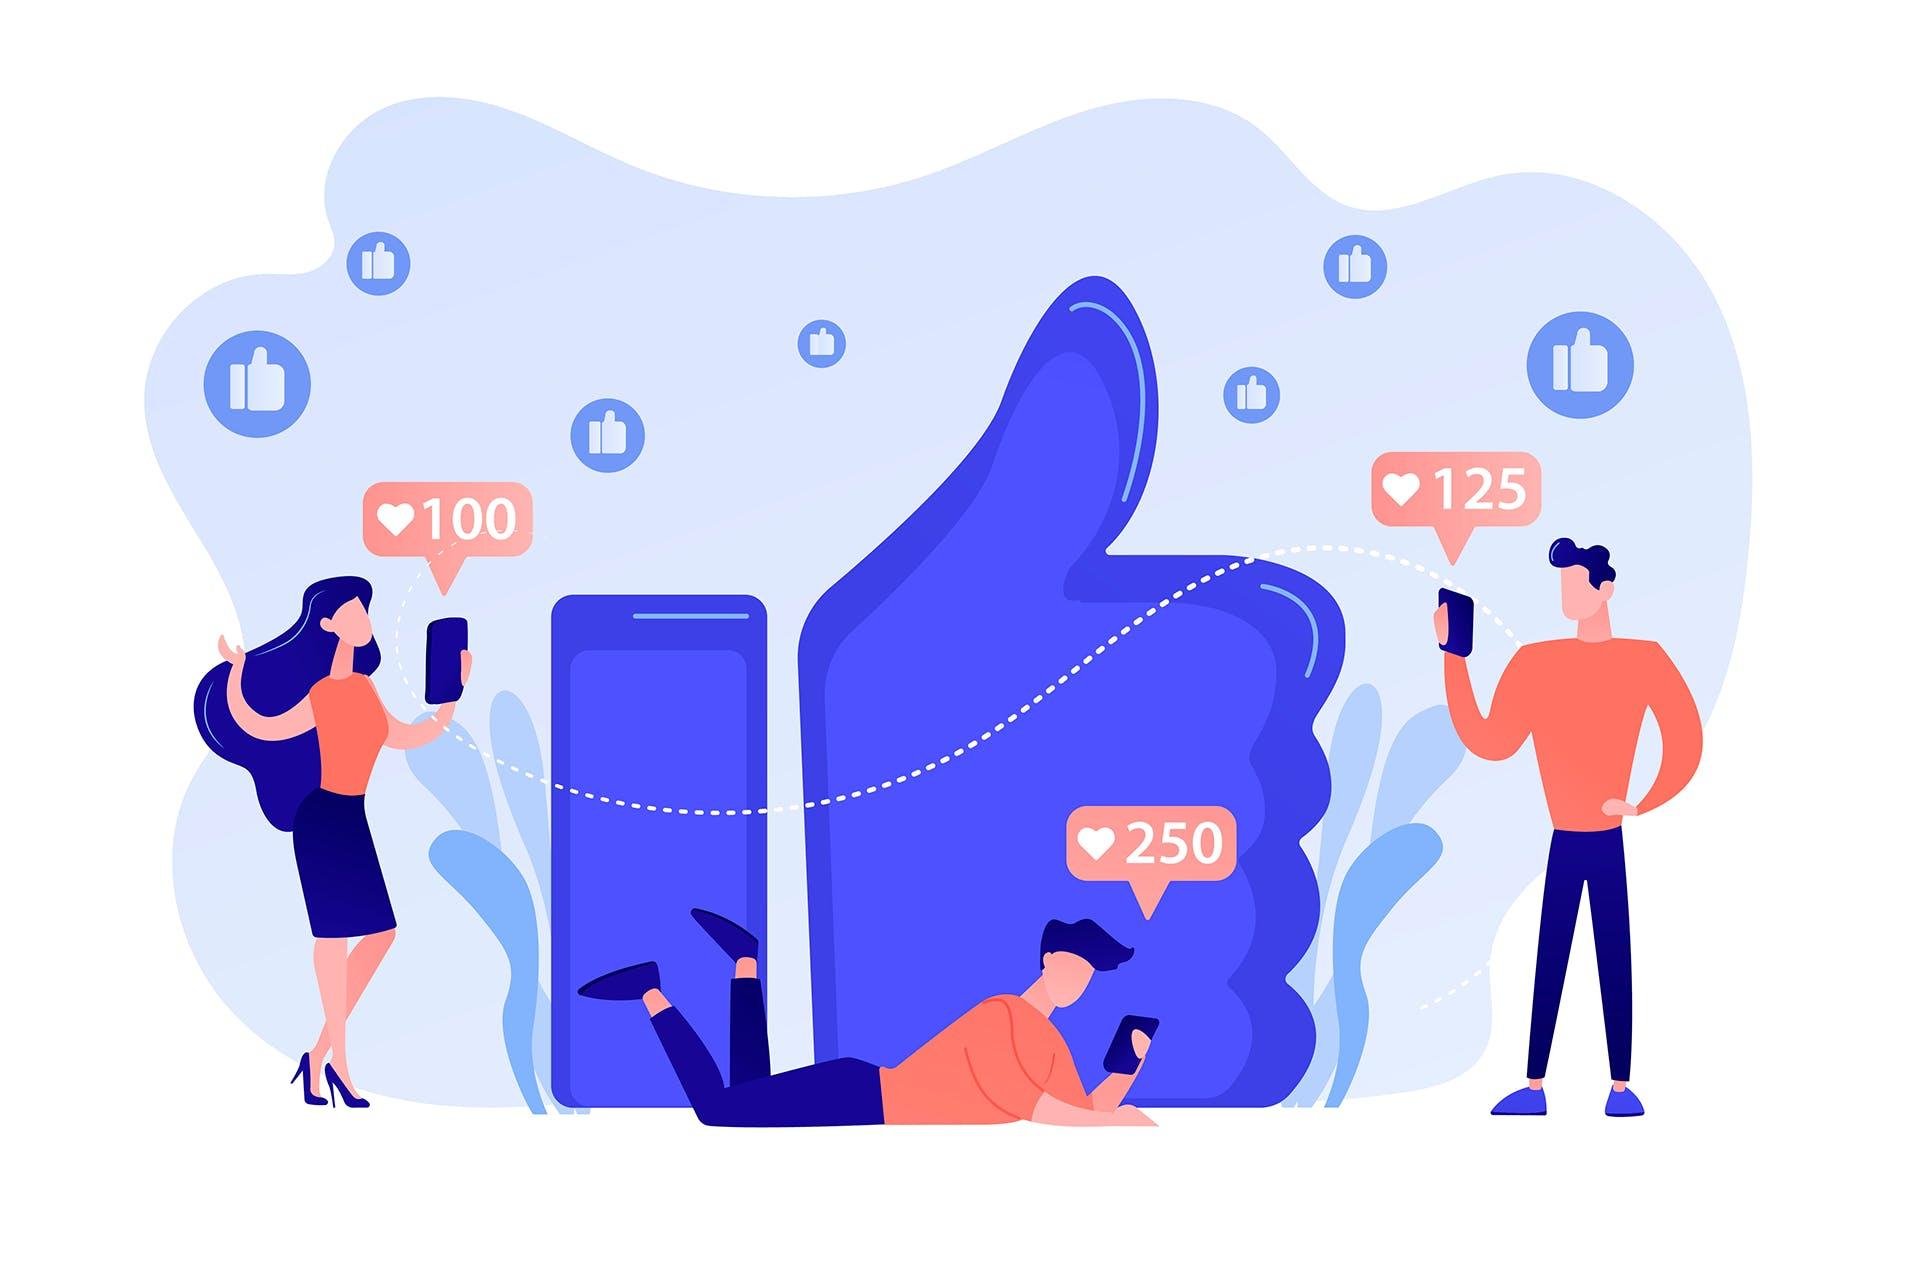 Sosiaalisen median käyttäjiä suuren Facebookin like-peukalon ympärillä